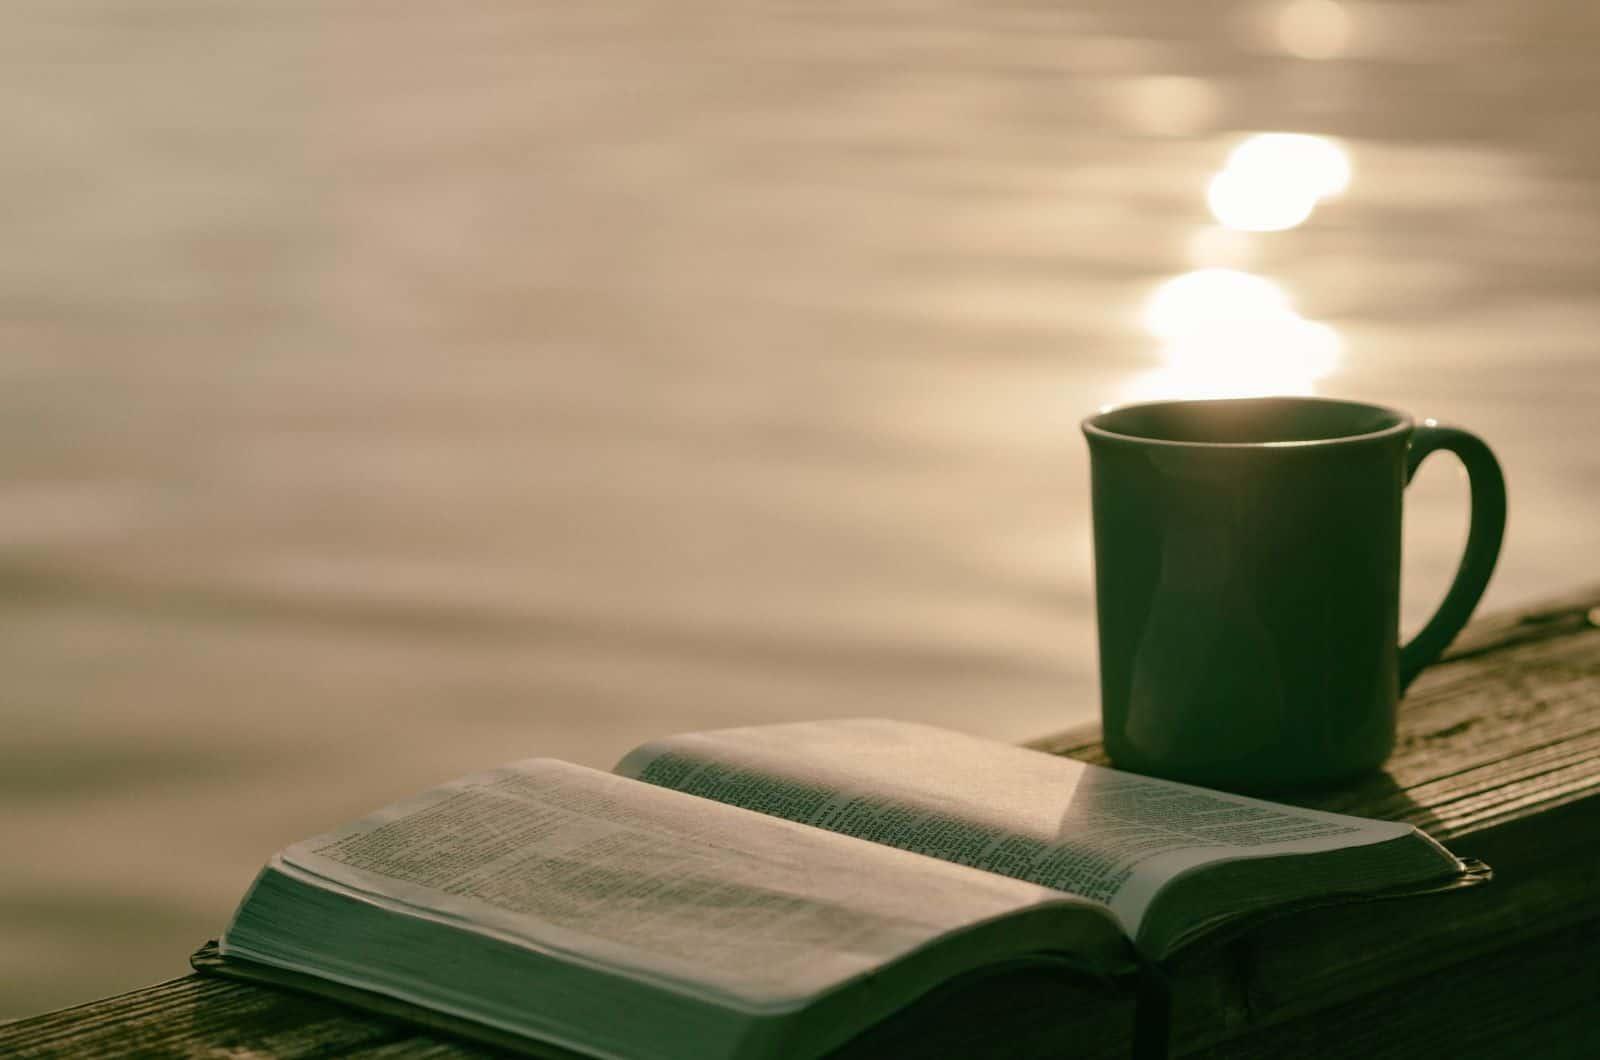 offenes Buch und eine Tasse